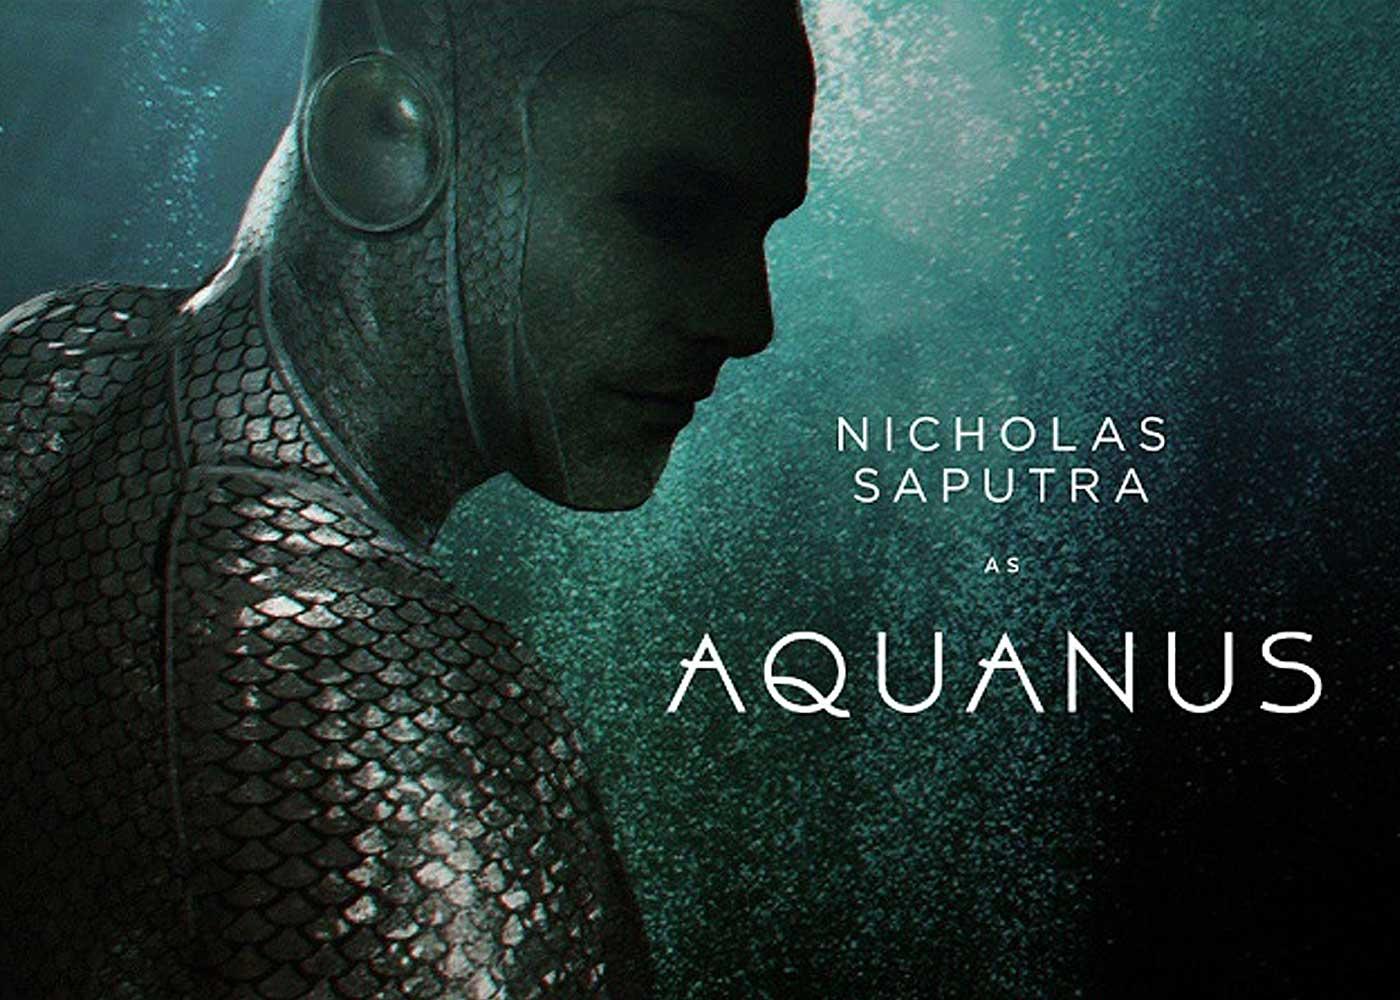 Hasil gambar untuk tokoh superhero aquanus dalam sinema bumilangit